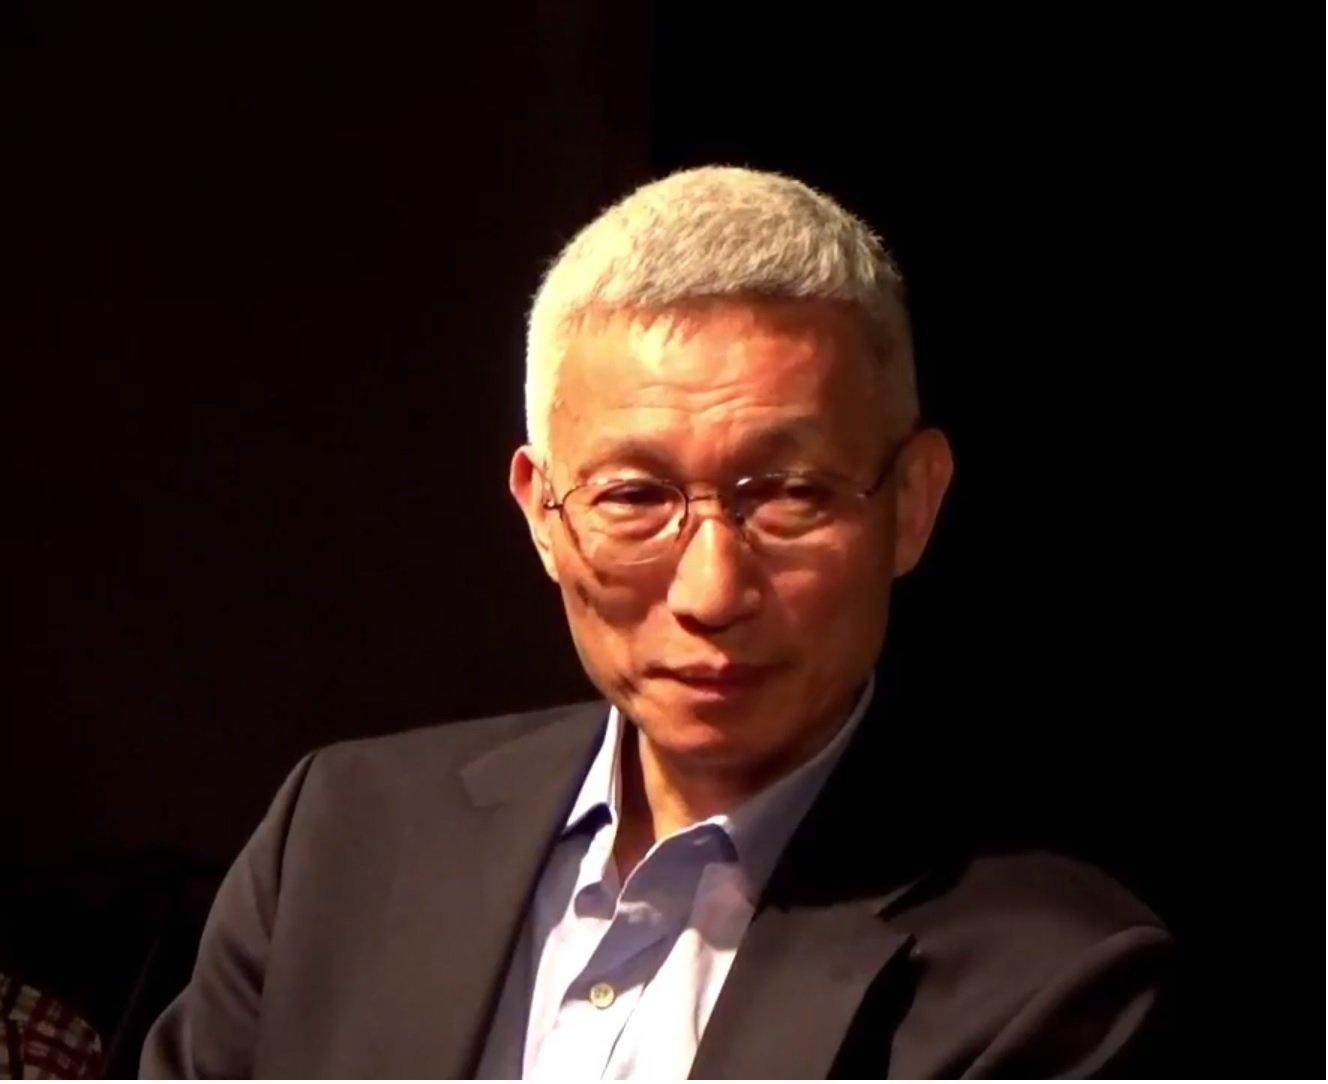 知名中國政經專家、美國克雷蒙特麥肯納學院(CMC)教授裴敏欣(Minxin Pei)。圖為資料照。(大紀元資料室)